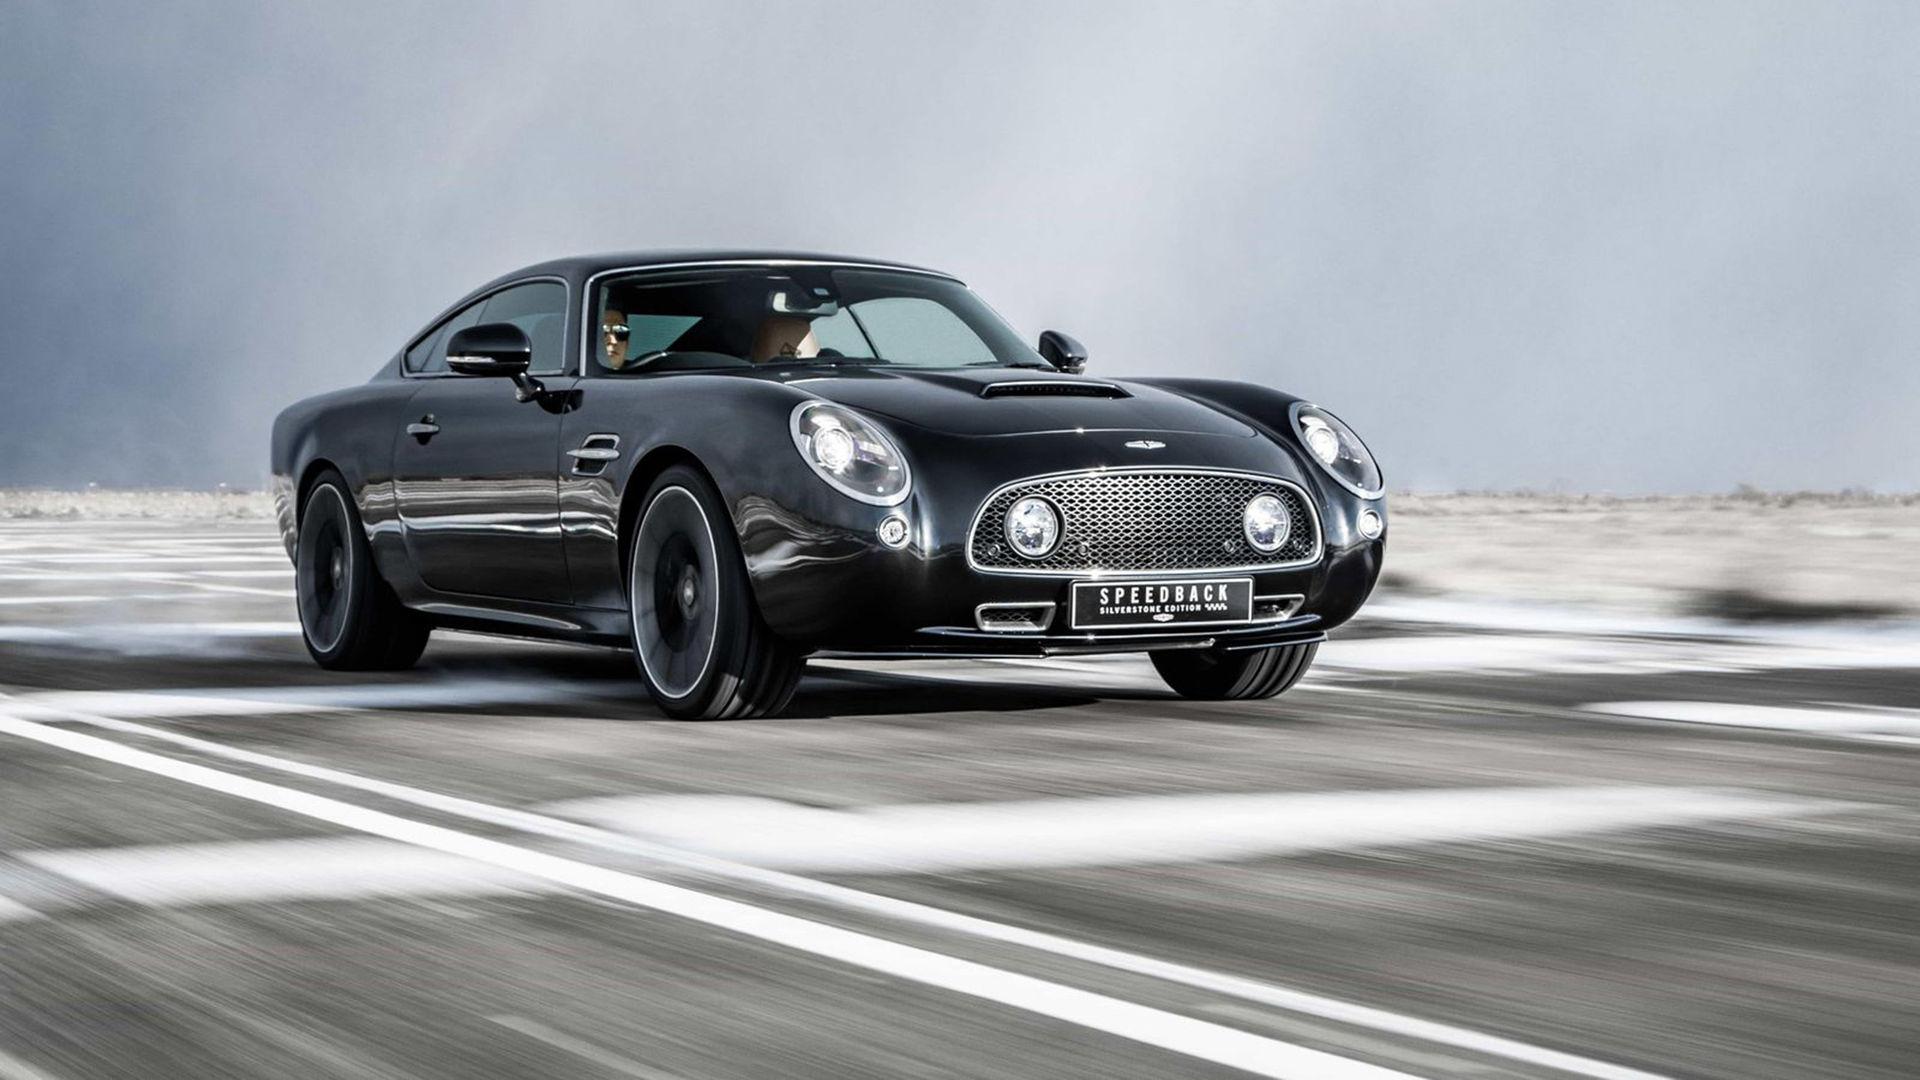 Silverstone Edition - specialversion av Speedback GT